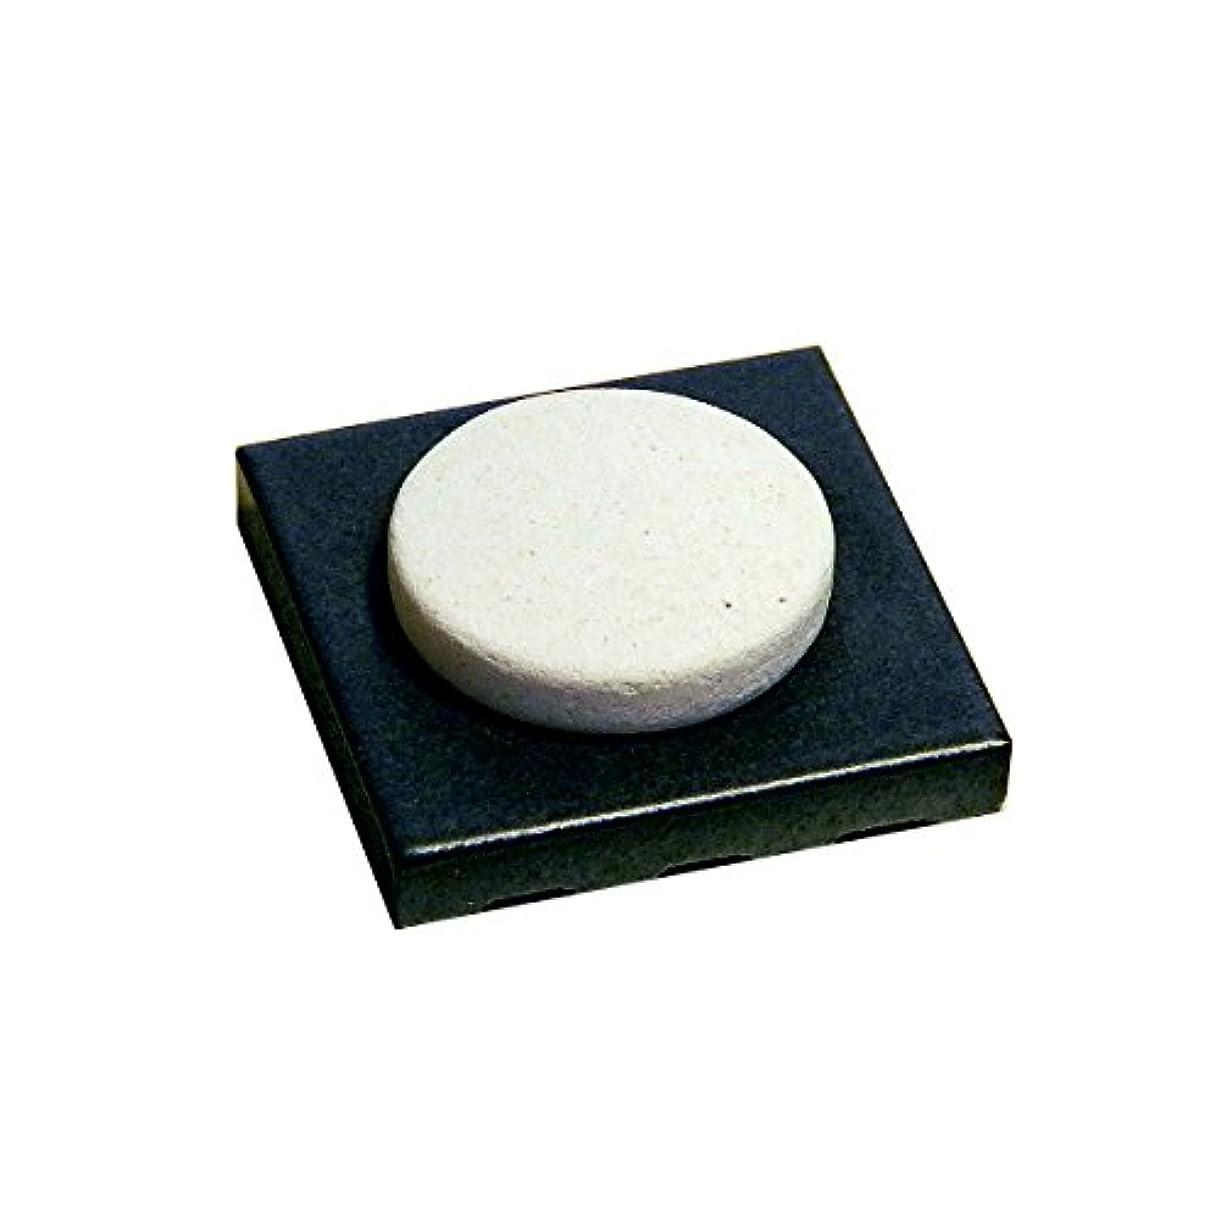 クローゼット取り消す晩ごはん〔立風屋〕珪藻土アロマプレート美濃焼タイルセット ブラック(黒) RPAP-01003-BK